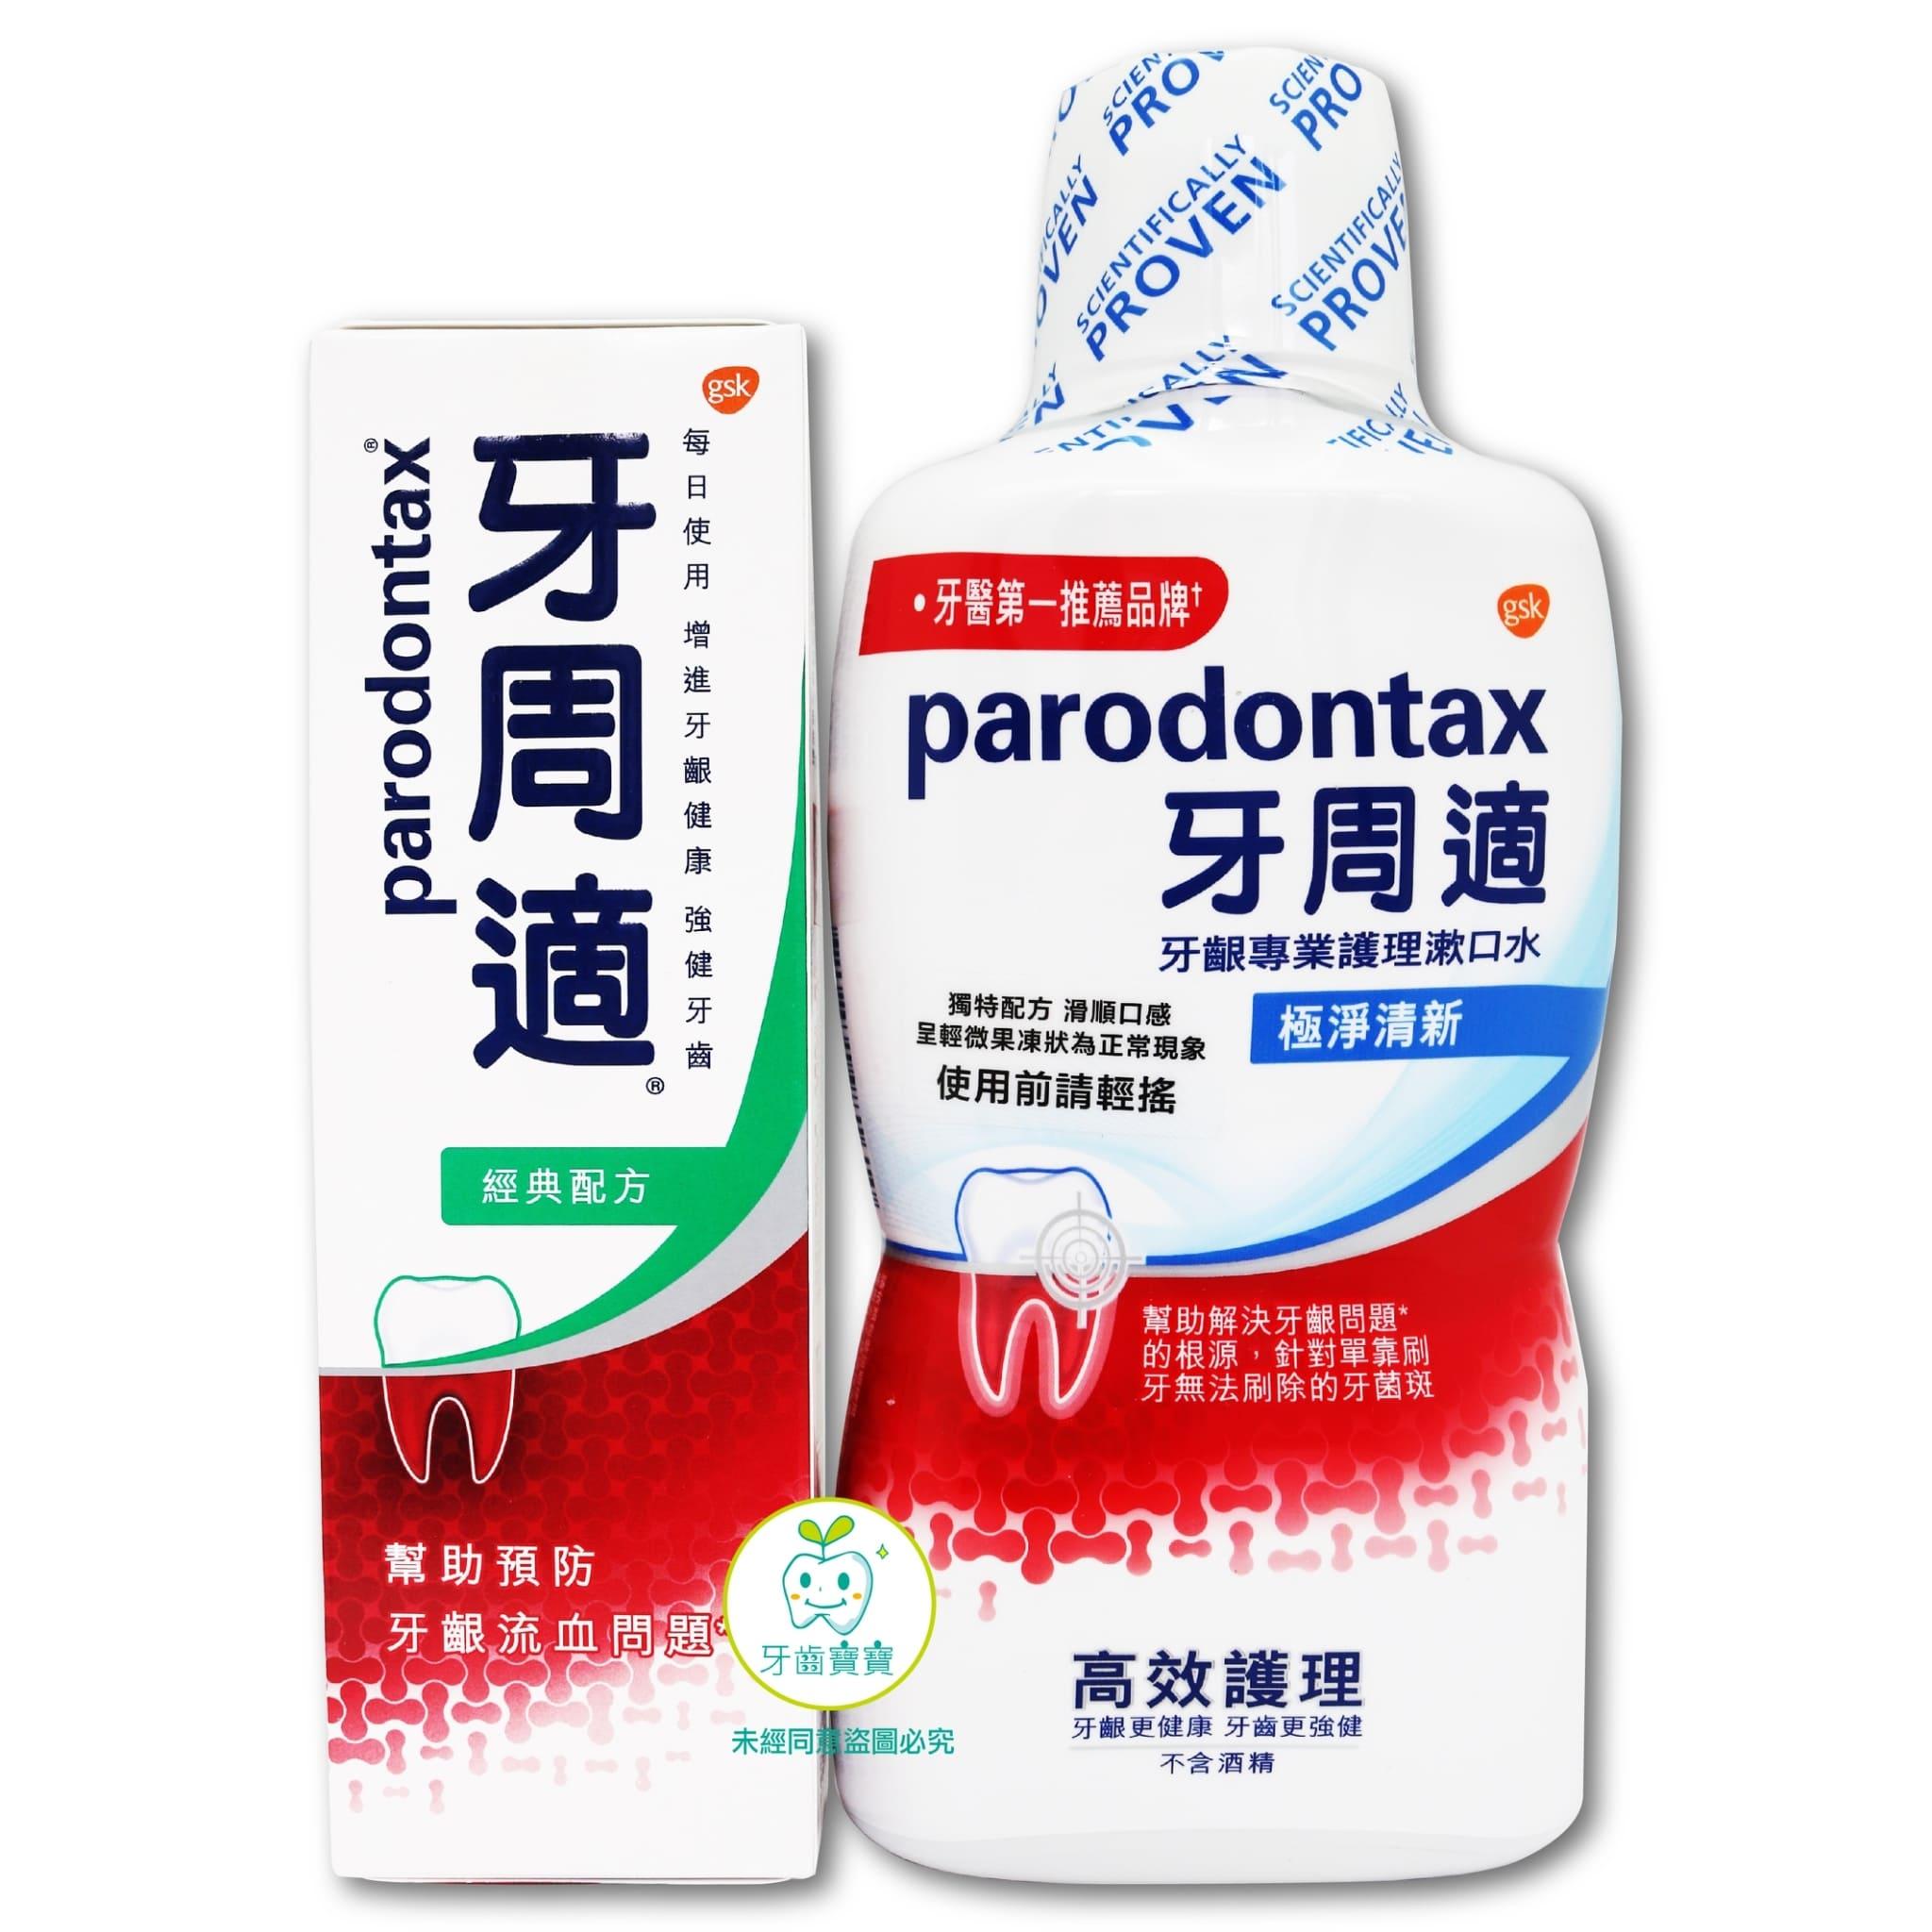 【牙周適Parodontax】牙齦護理經典配方牙膏100g+漱口水500ml 優惠組合